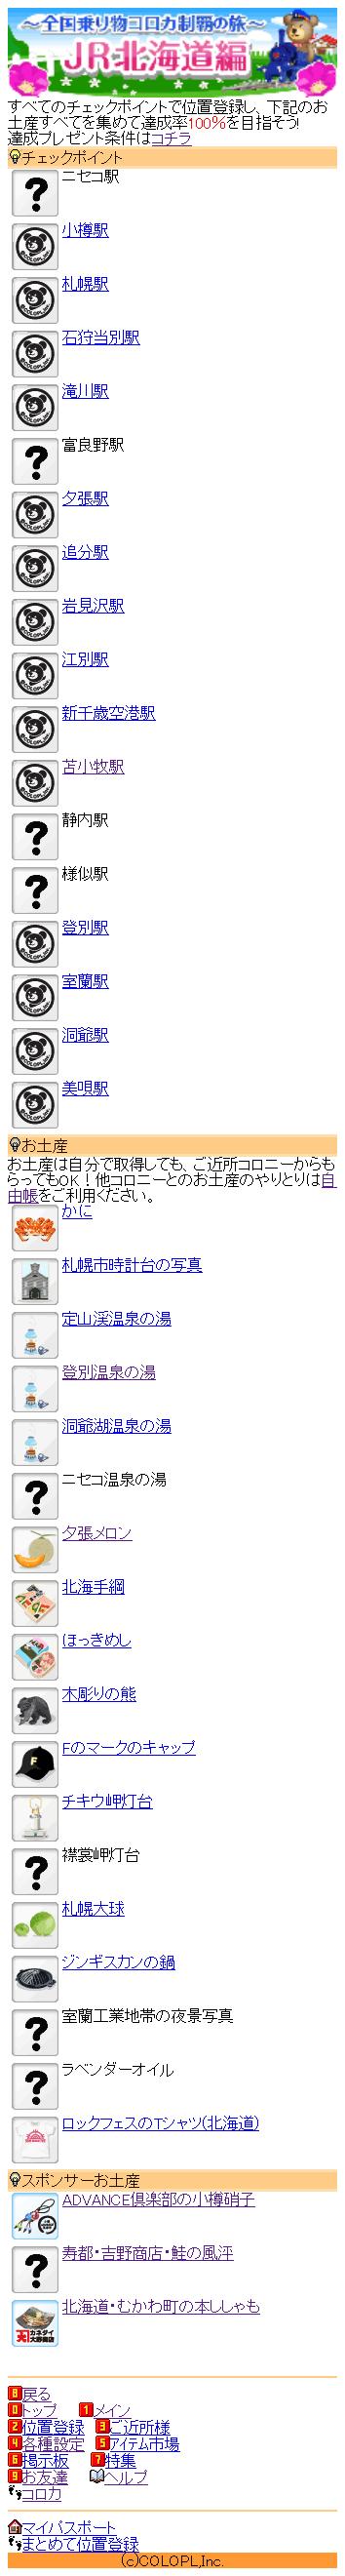 コロプラ:乗り物コロカ:JR北海道(道央) 達成率:76%